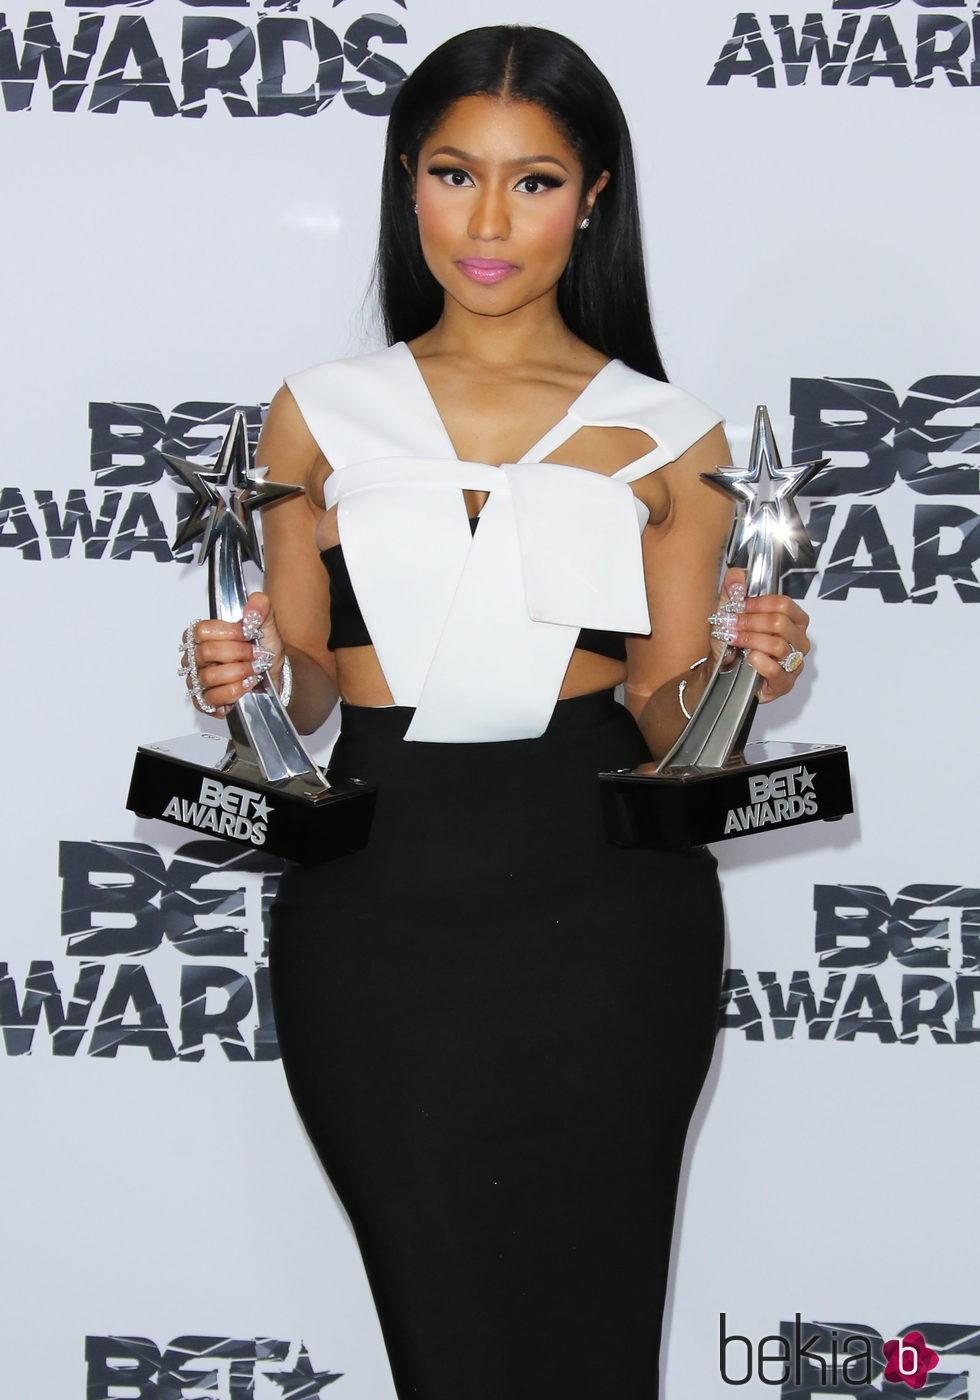 Nicki Minaj posando con sus premios de Bet Awards 2015